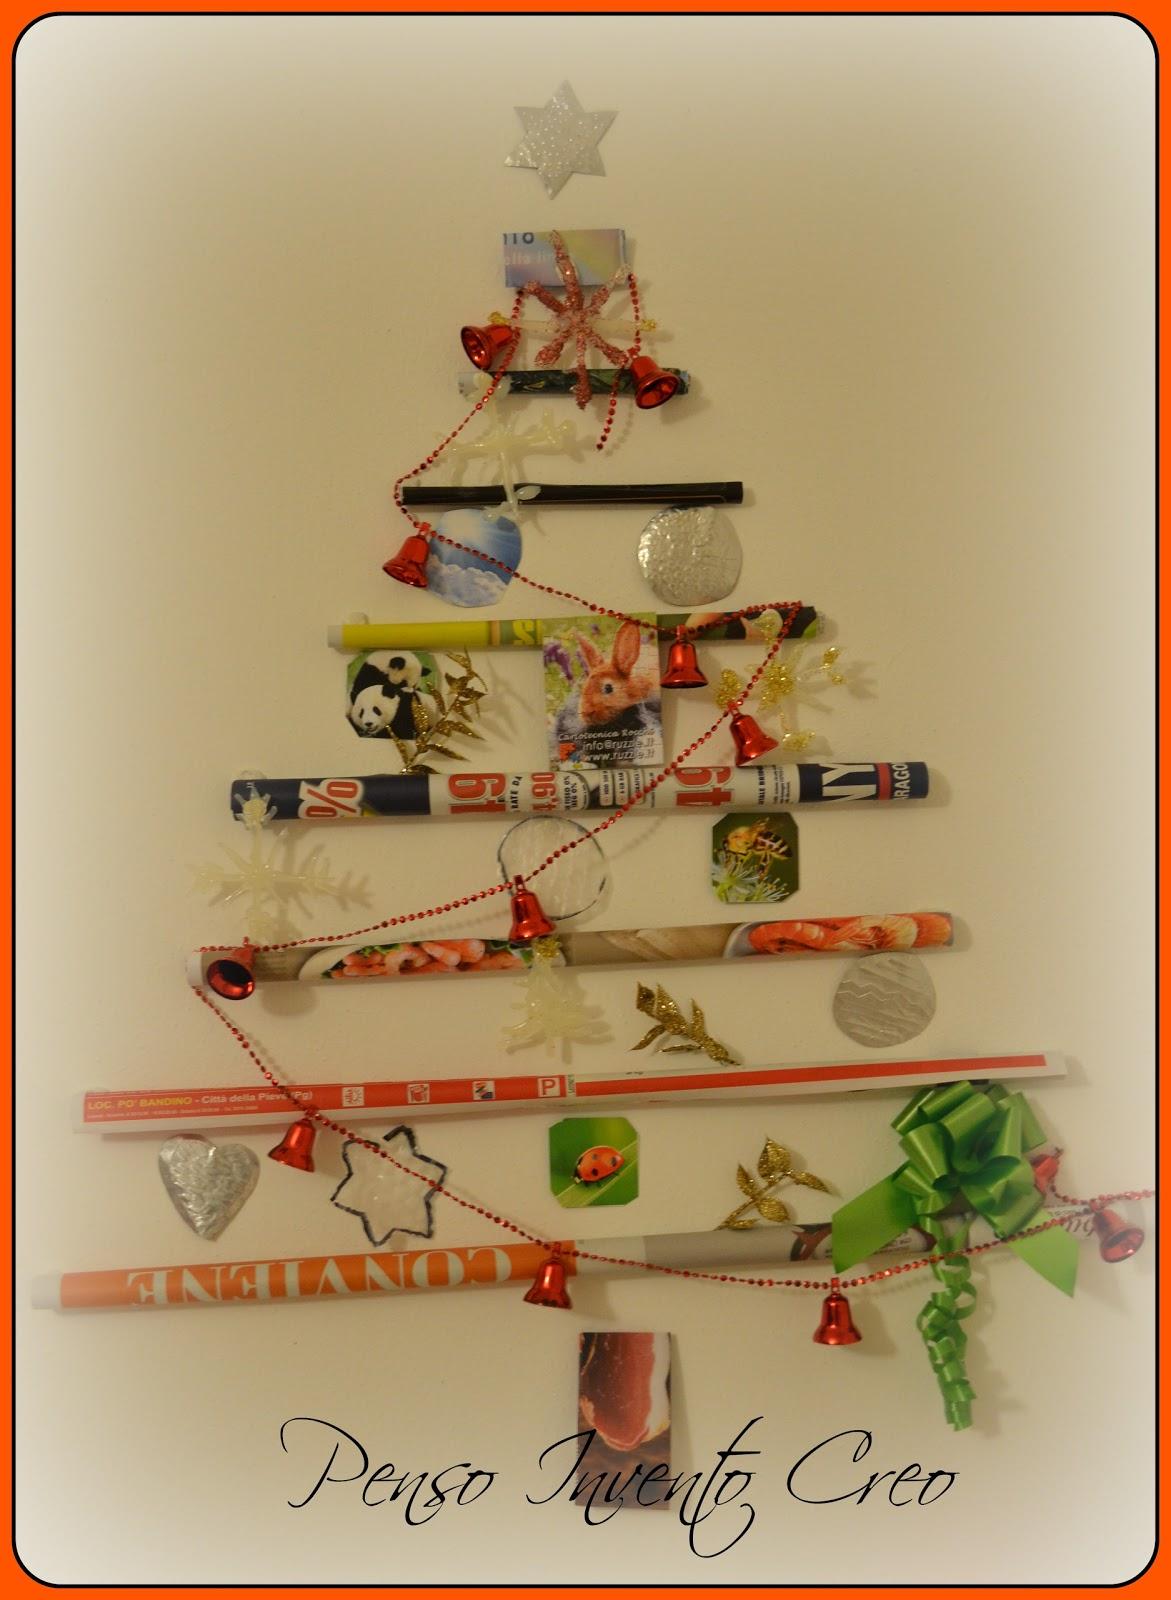 Biglietti Di Natale Con Carta Riciclata.Albero Di Natale In Carta Riciclata Penso Invento Creo